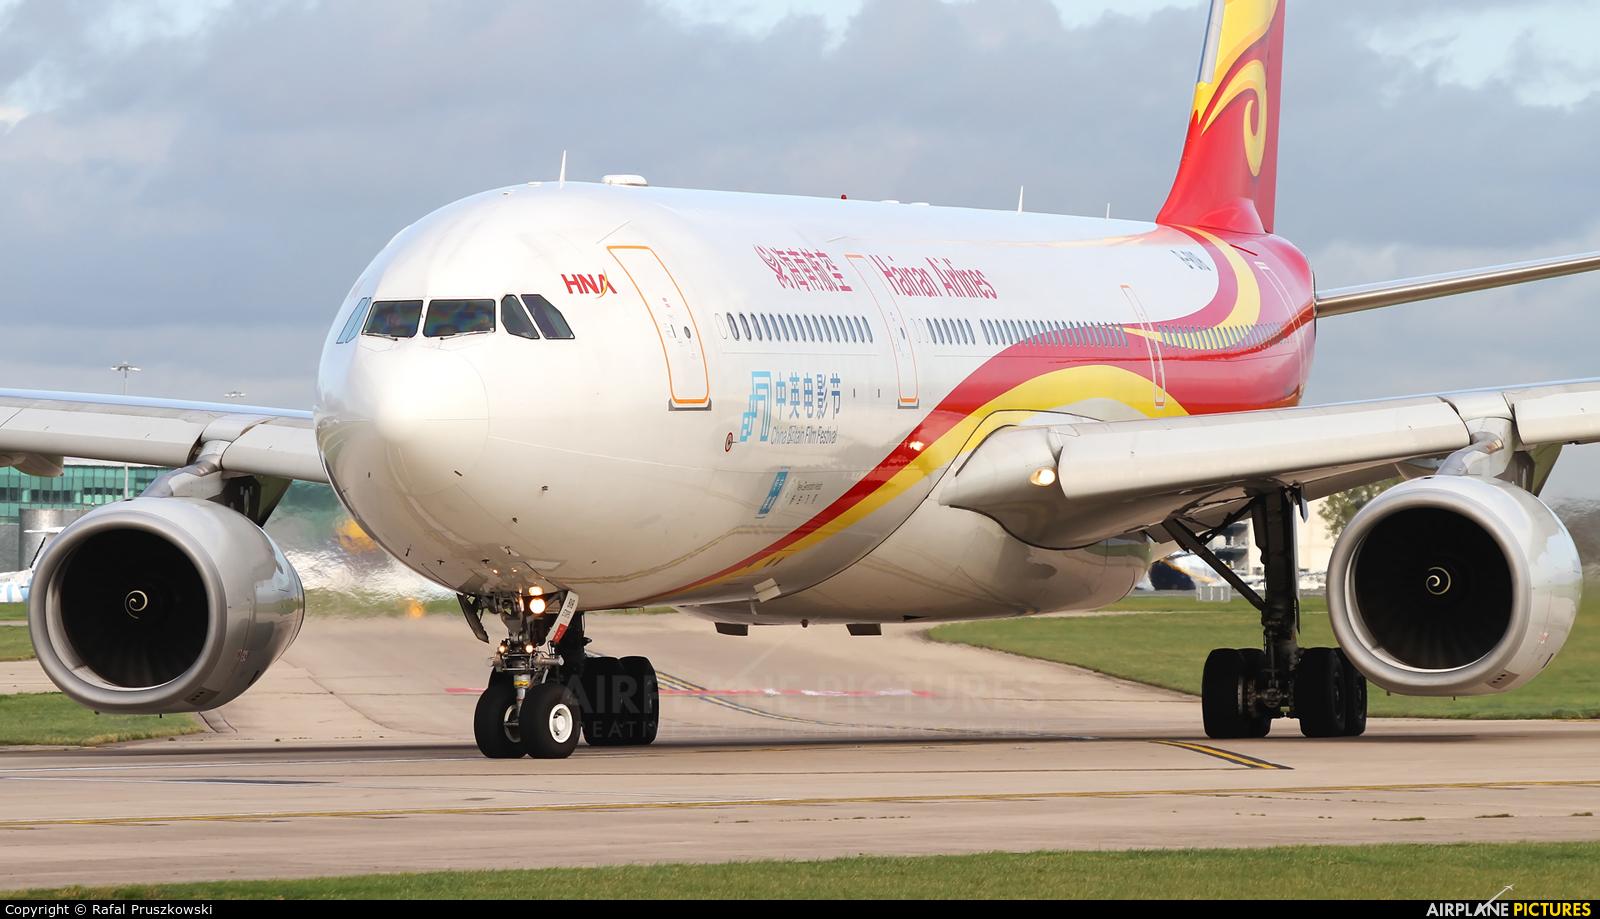 Hainan Airlines B-8118 aircraft at Manchester